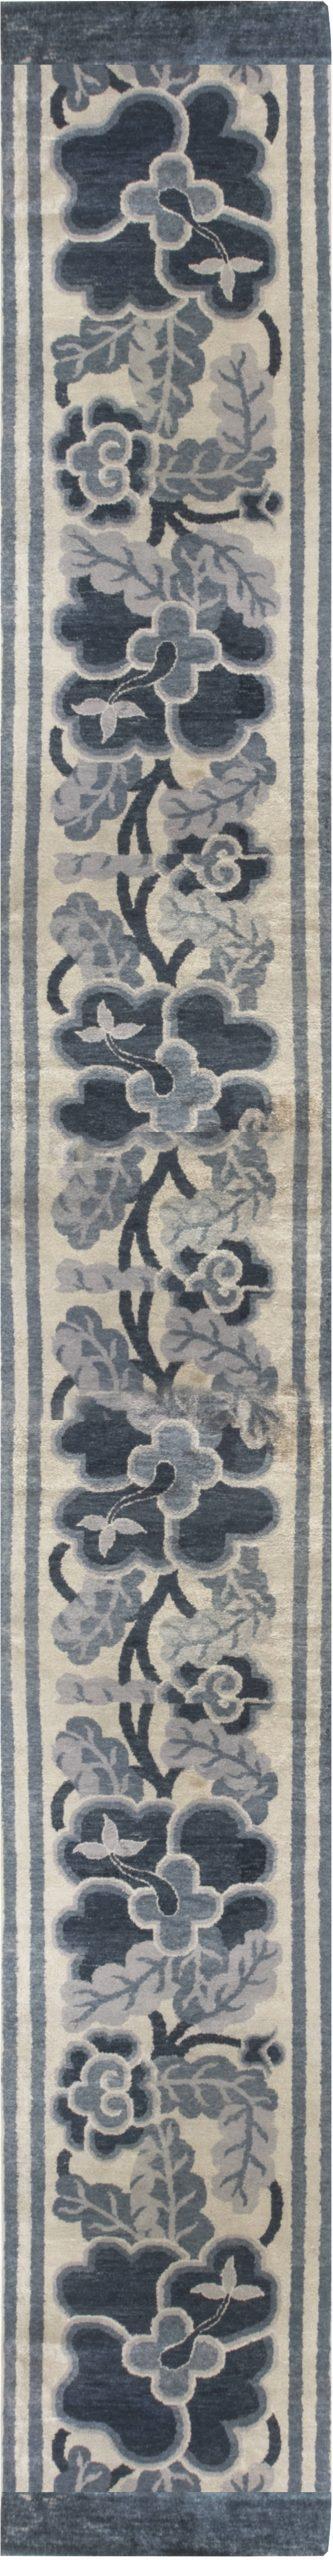 CHINESE RUNNER (FRAGMENT) BB6647